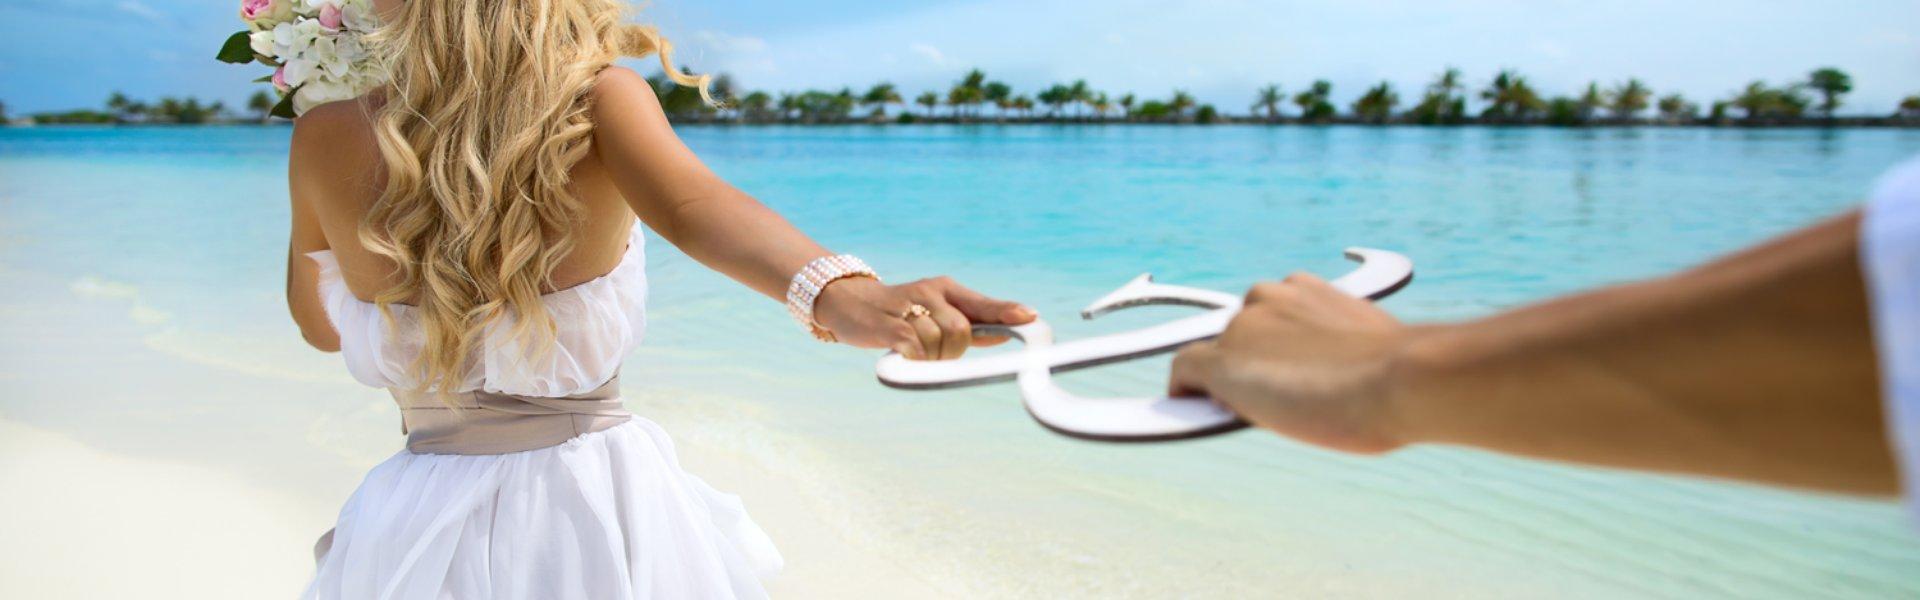 Amo il Mondo viaggi - I viaggi di nozze con Amo il Mondo